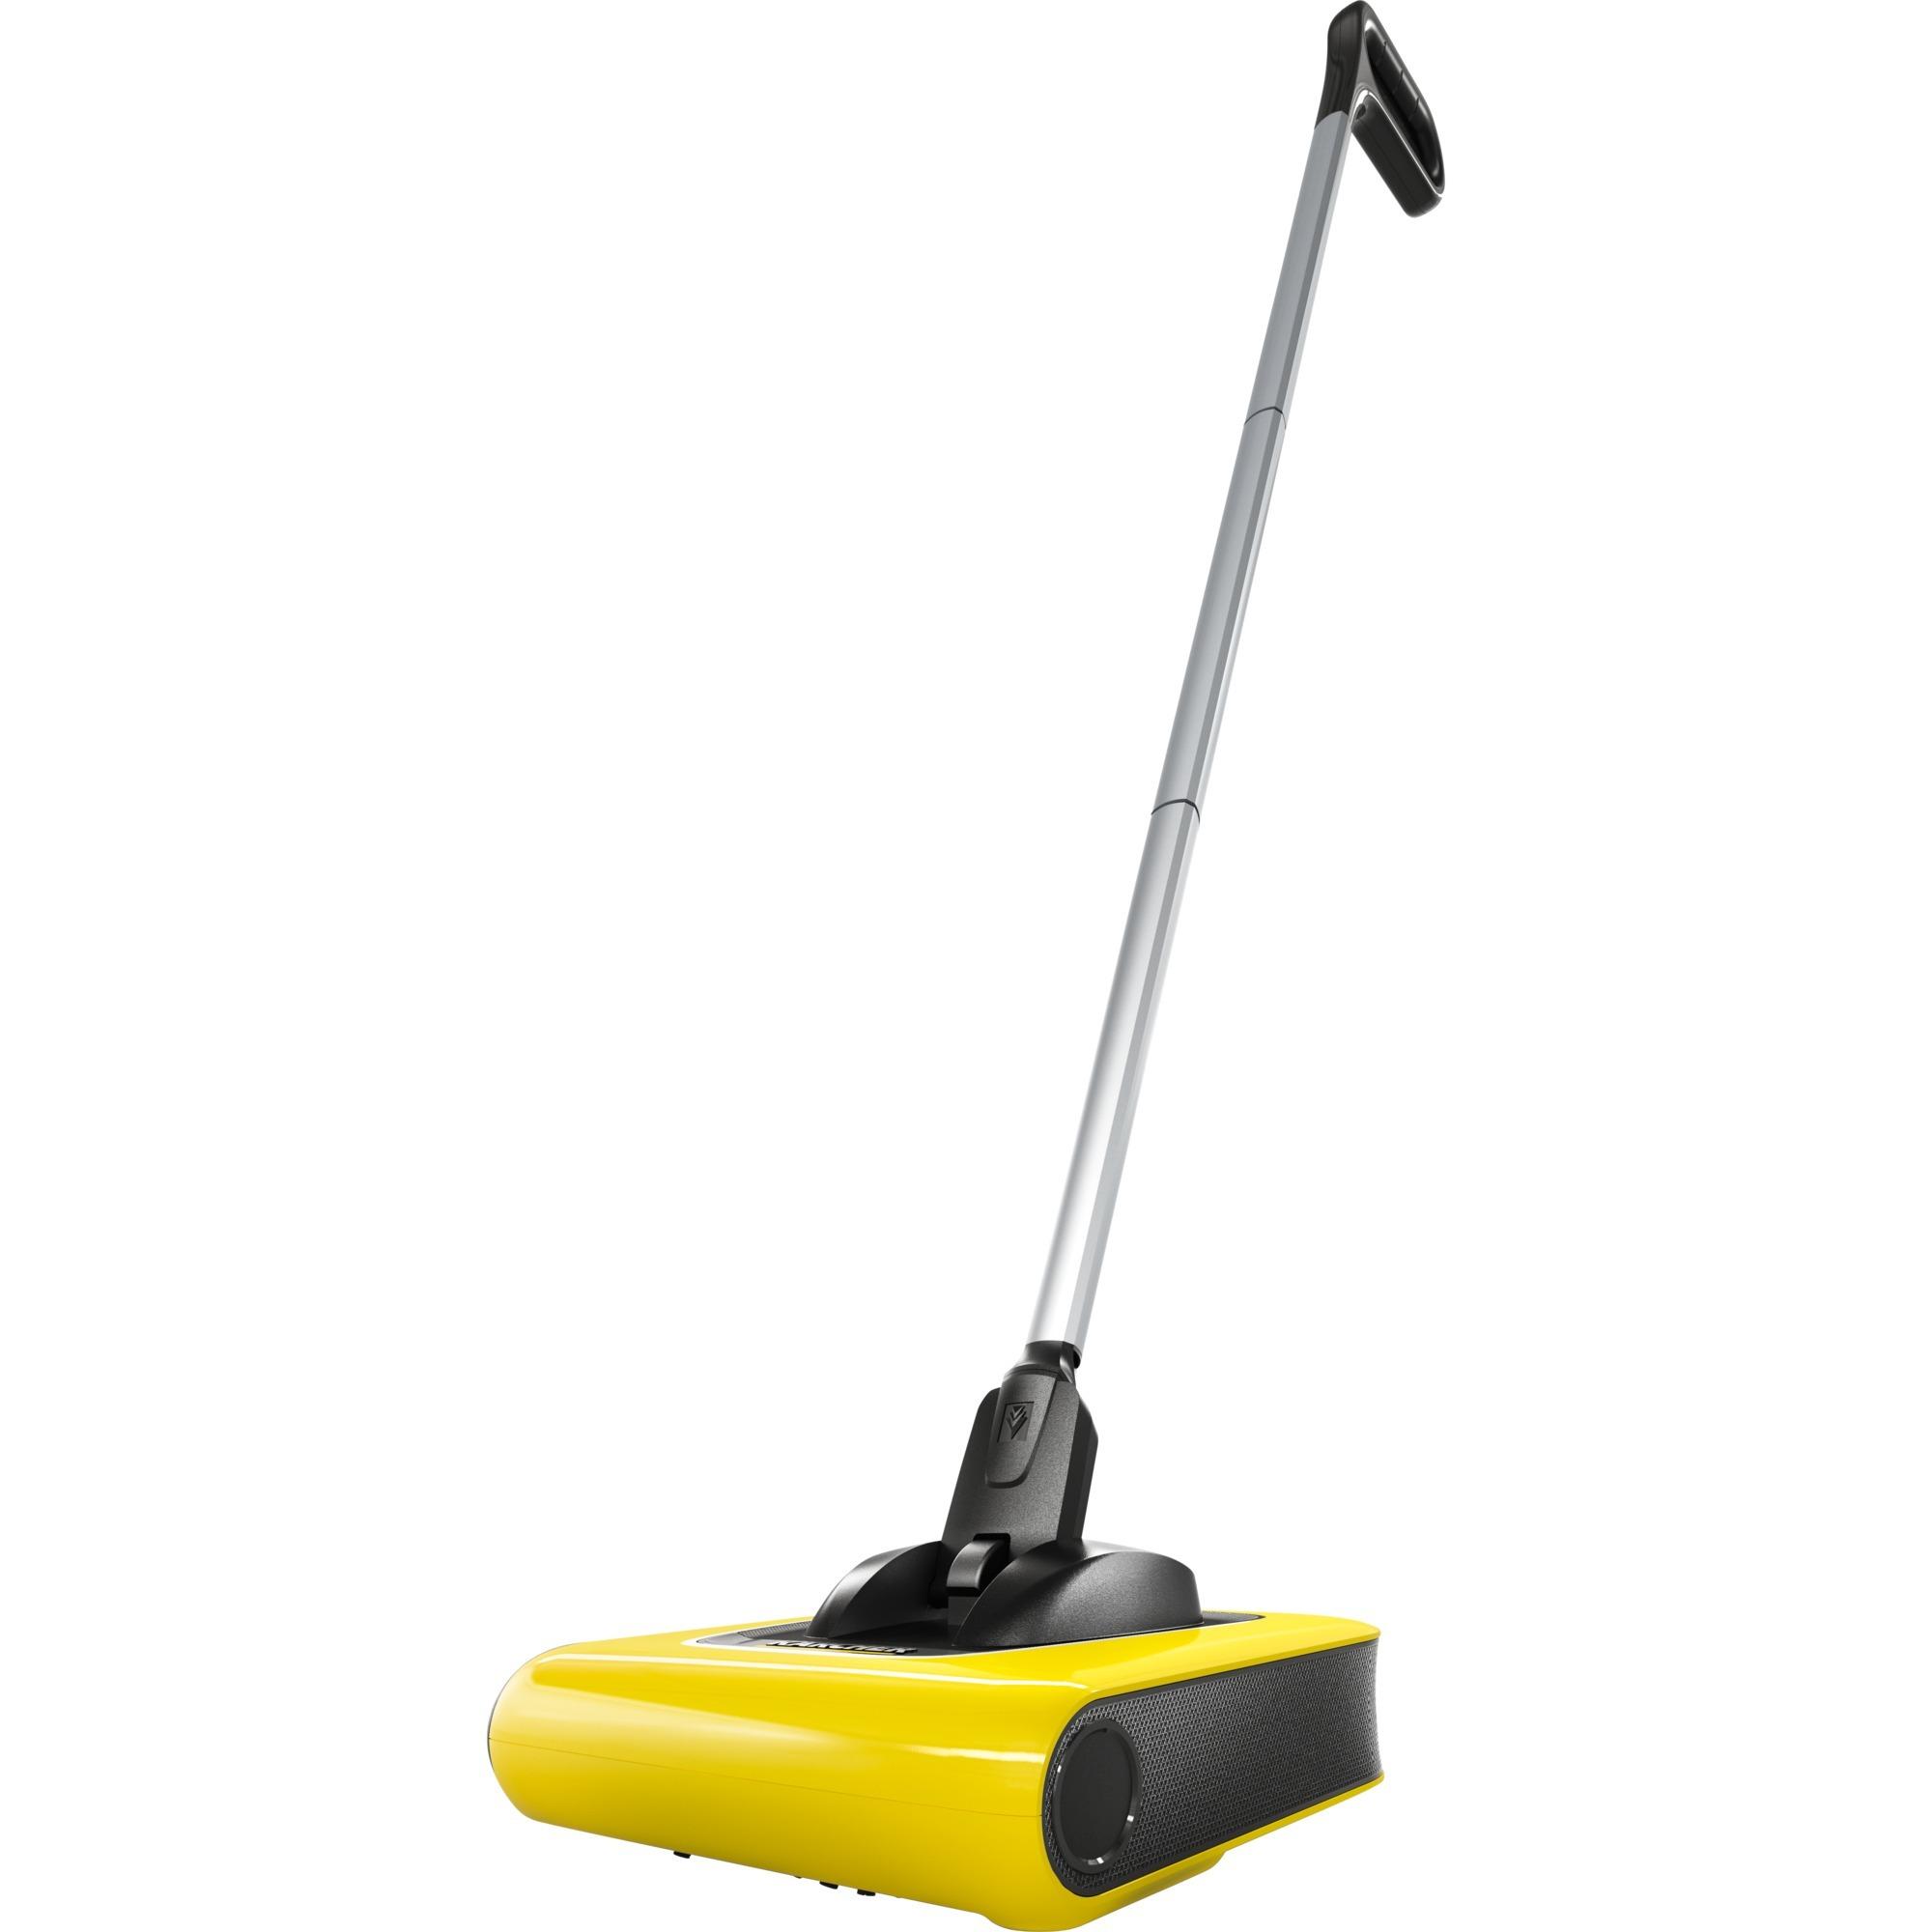 KB 5 Sin bolsa 0.37L Negro, Amarillo aspiradora de pie y escoba eléctrica, Aspiradora de suelo